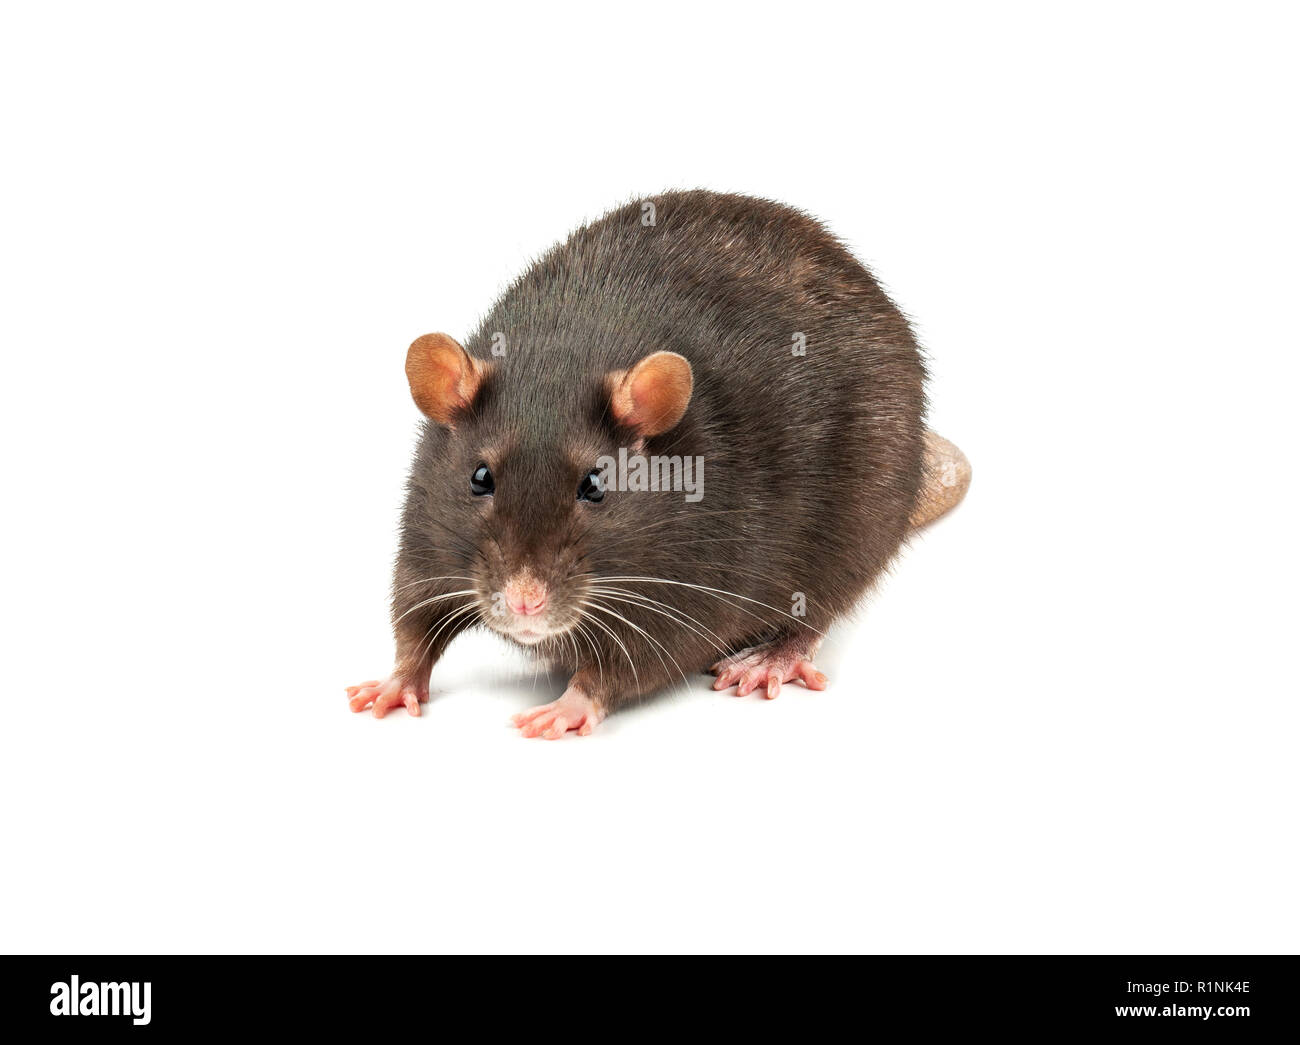 Large grey pet rat isolated on white background - Stock Image